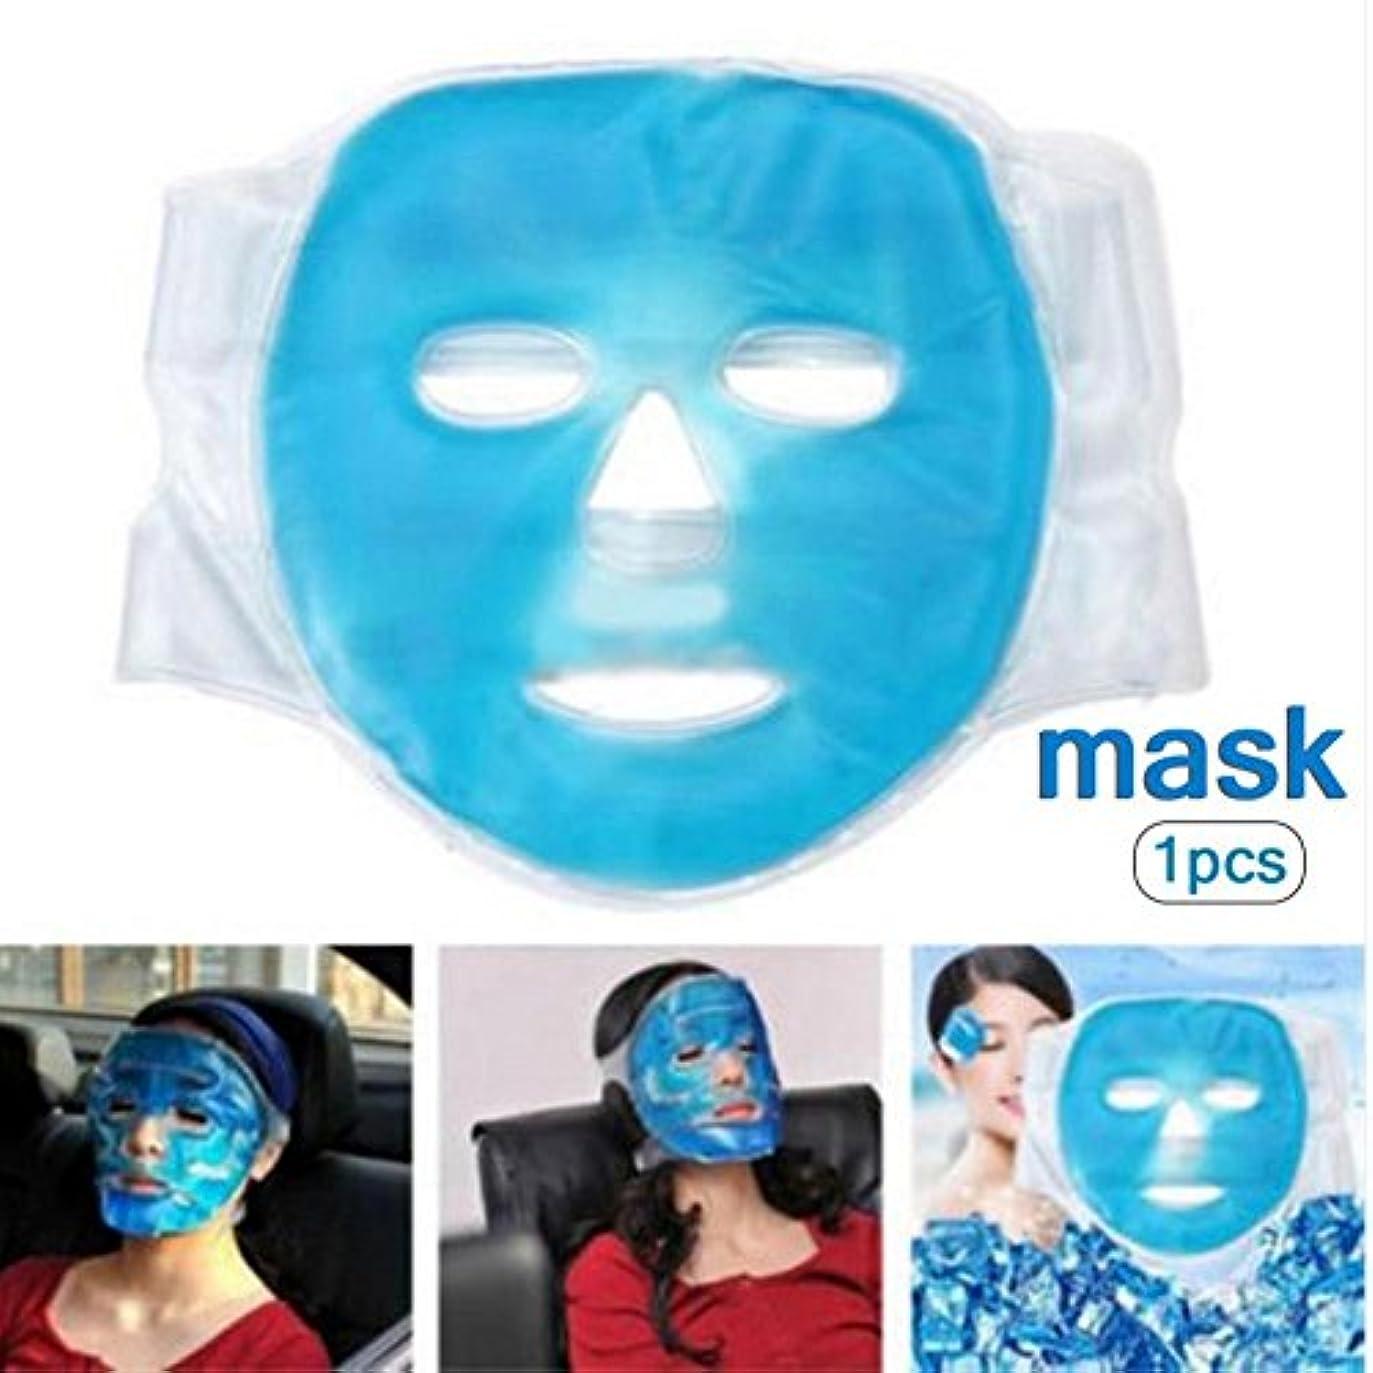 スラム街作曲する考慮SILUN フェイスマスク 冷温兼用 美容用 再利用可能 毛細血管収縮 肌ケア 保湿 吸収しやすい 美容マッサージ アイスマスク